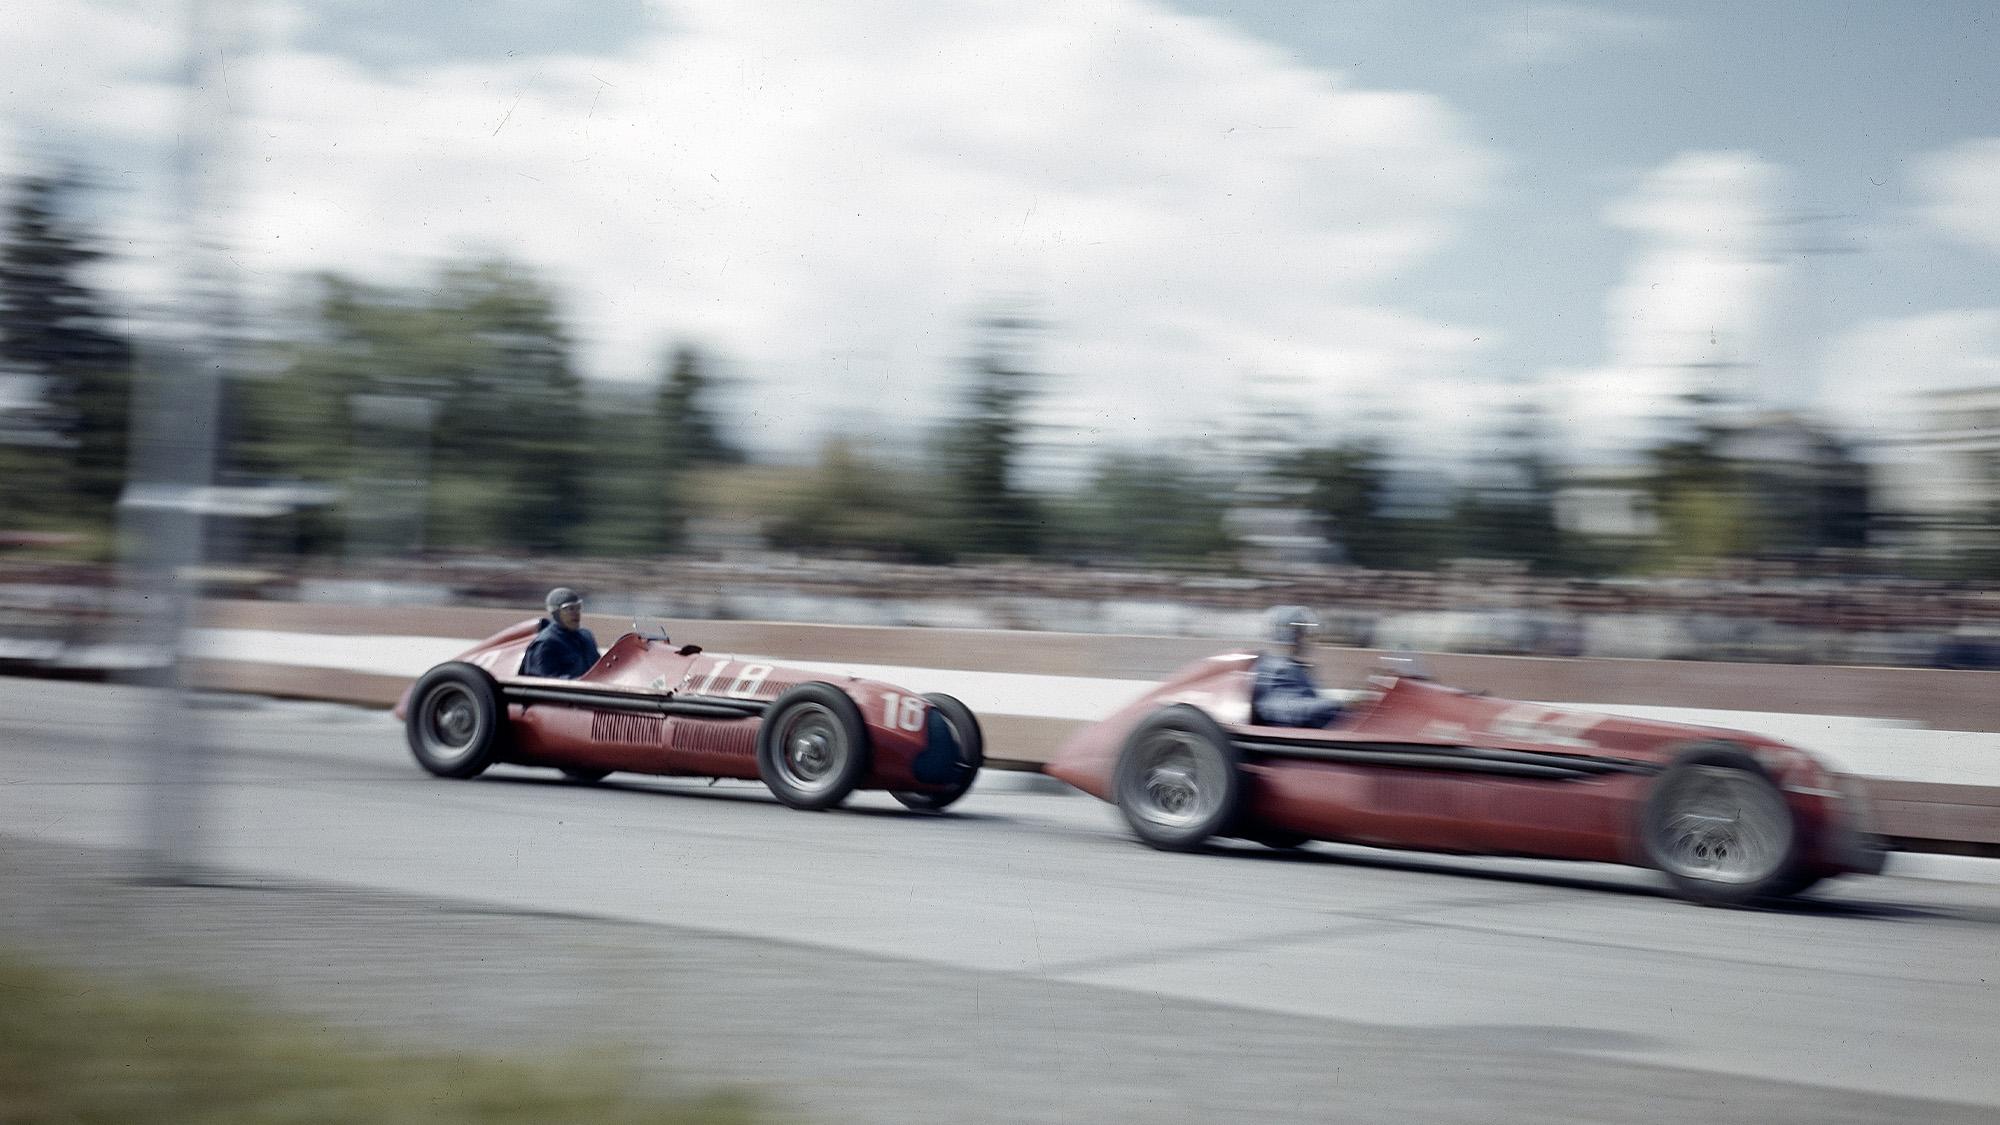 Jean Pierre Wimille leads Giuseppe Farina in the Grand Prix des Nations Geneva